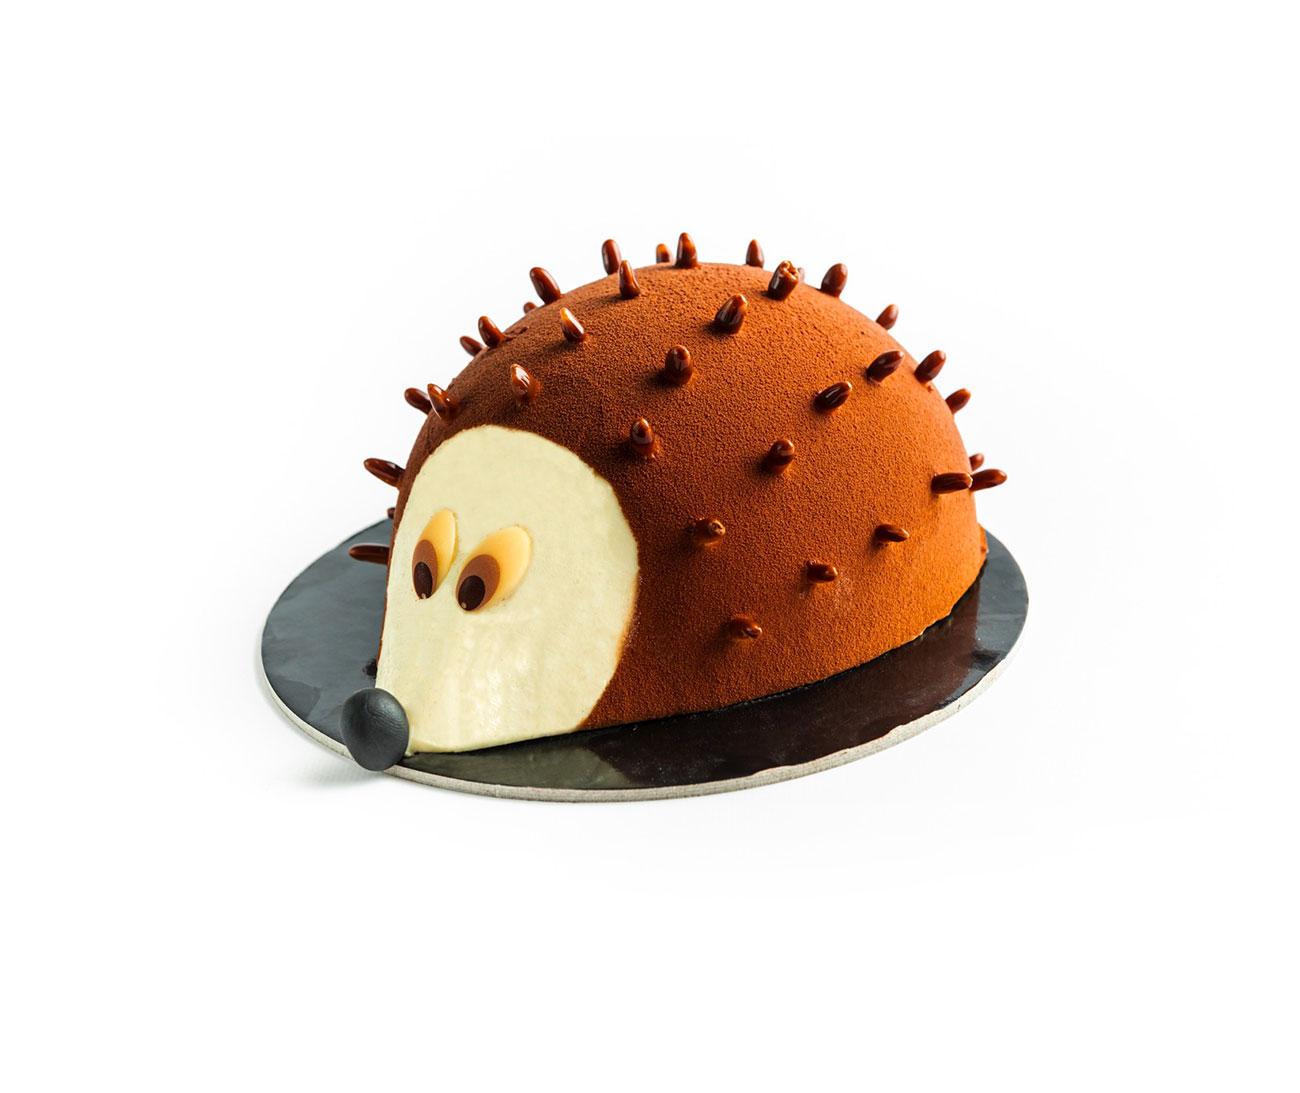 salvatore-petriella-creazioni-torte-riccio-img-03